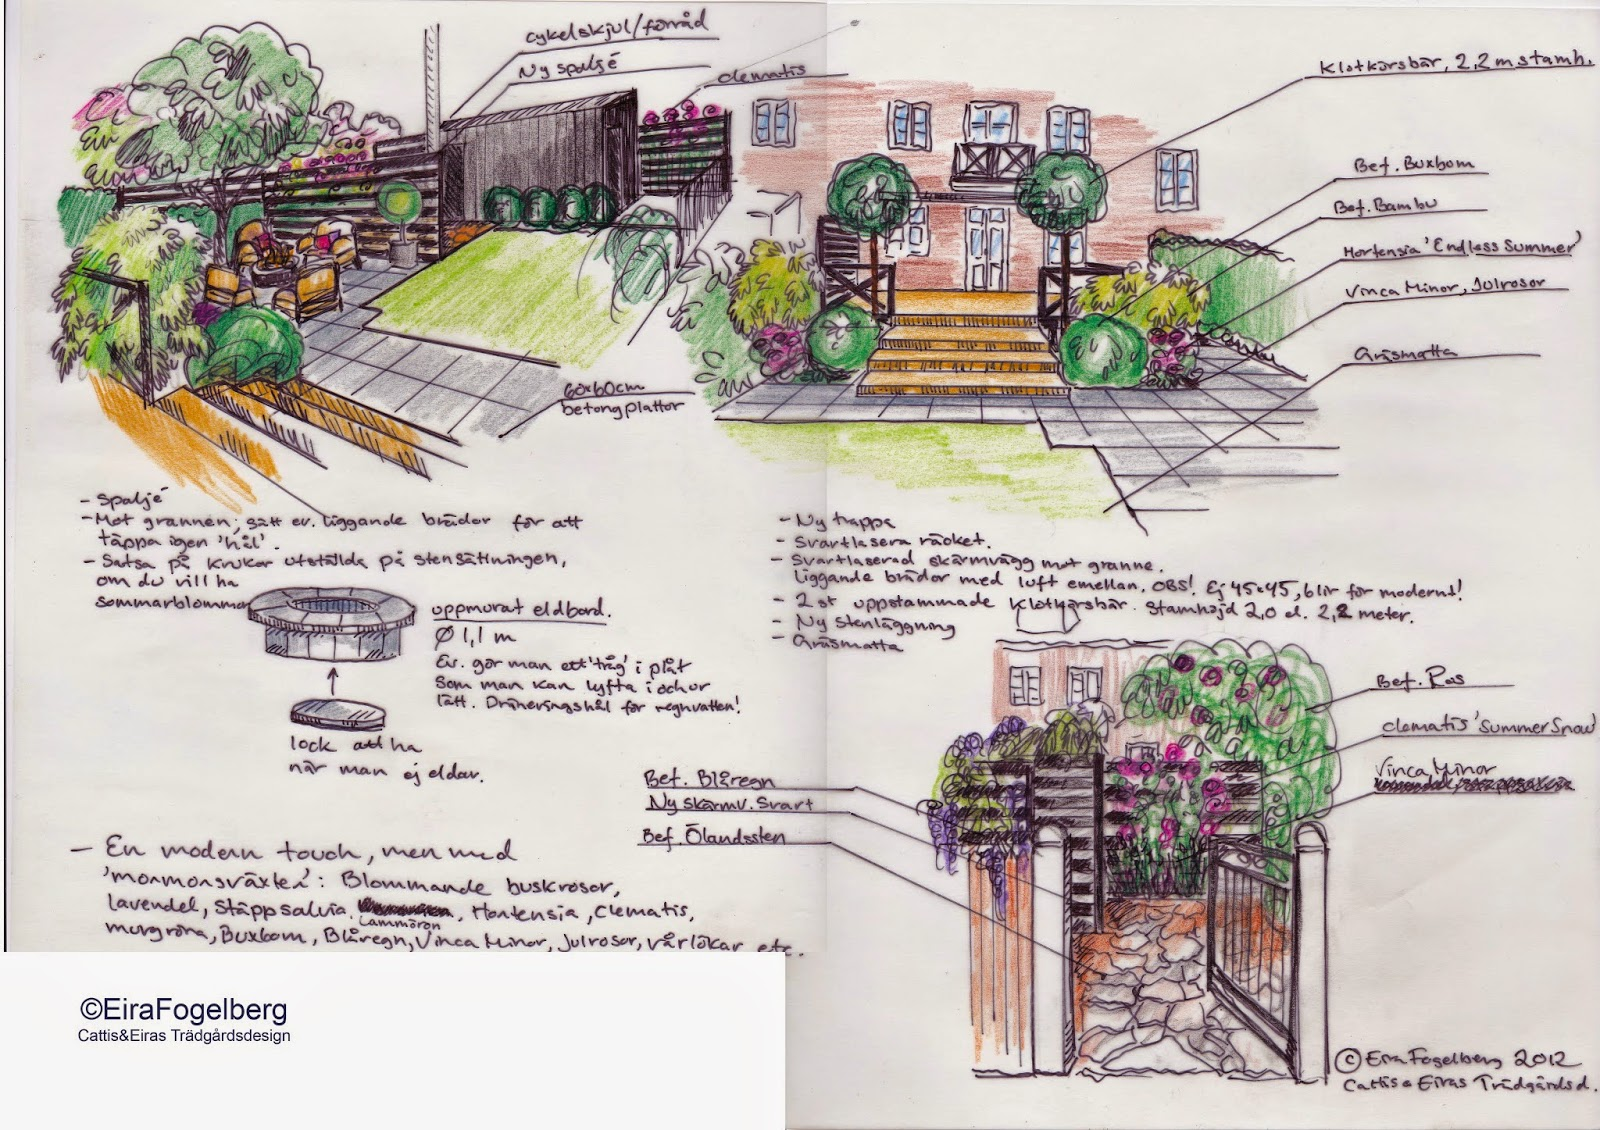 Cattis och eiras trädgårdsdesign: januari 2015